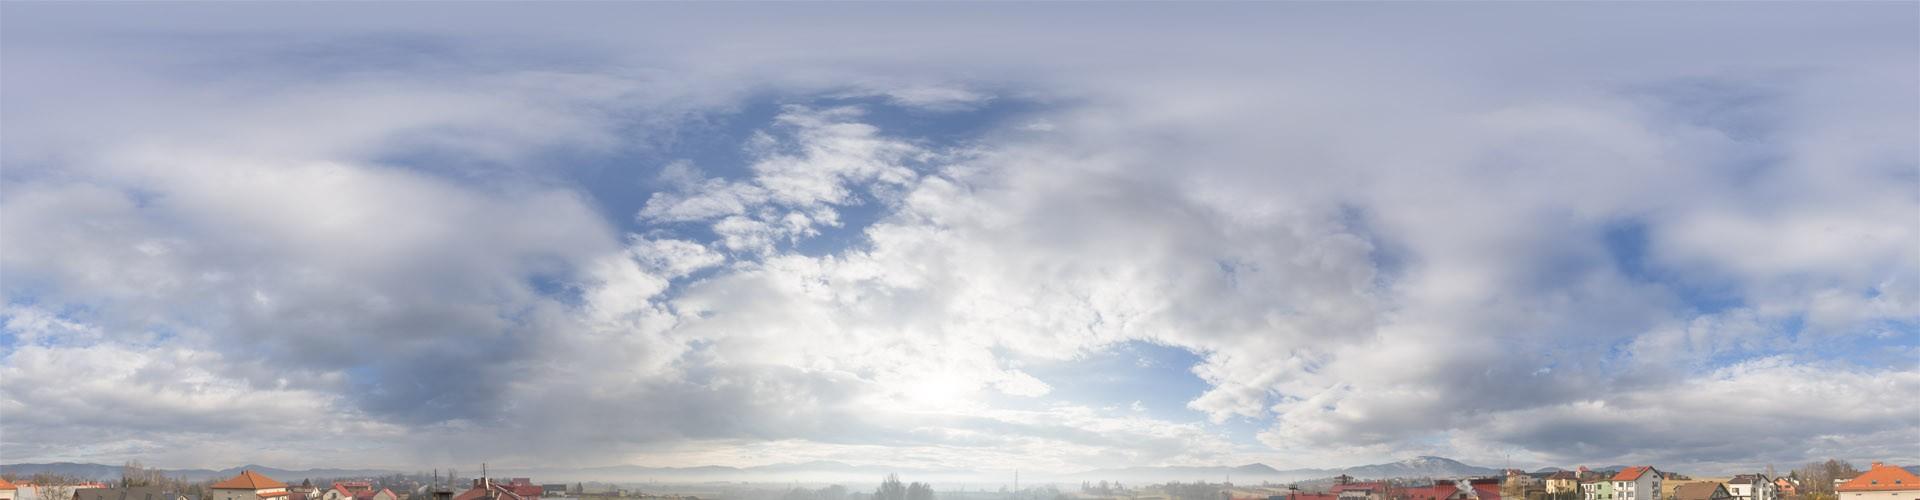 Cloudy Mountains 2611 (30k) HDRI